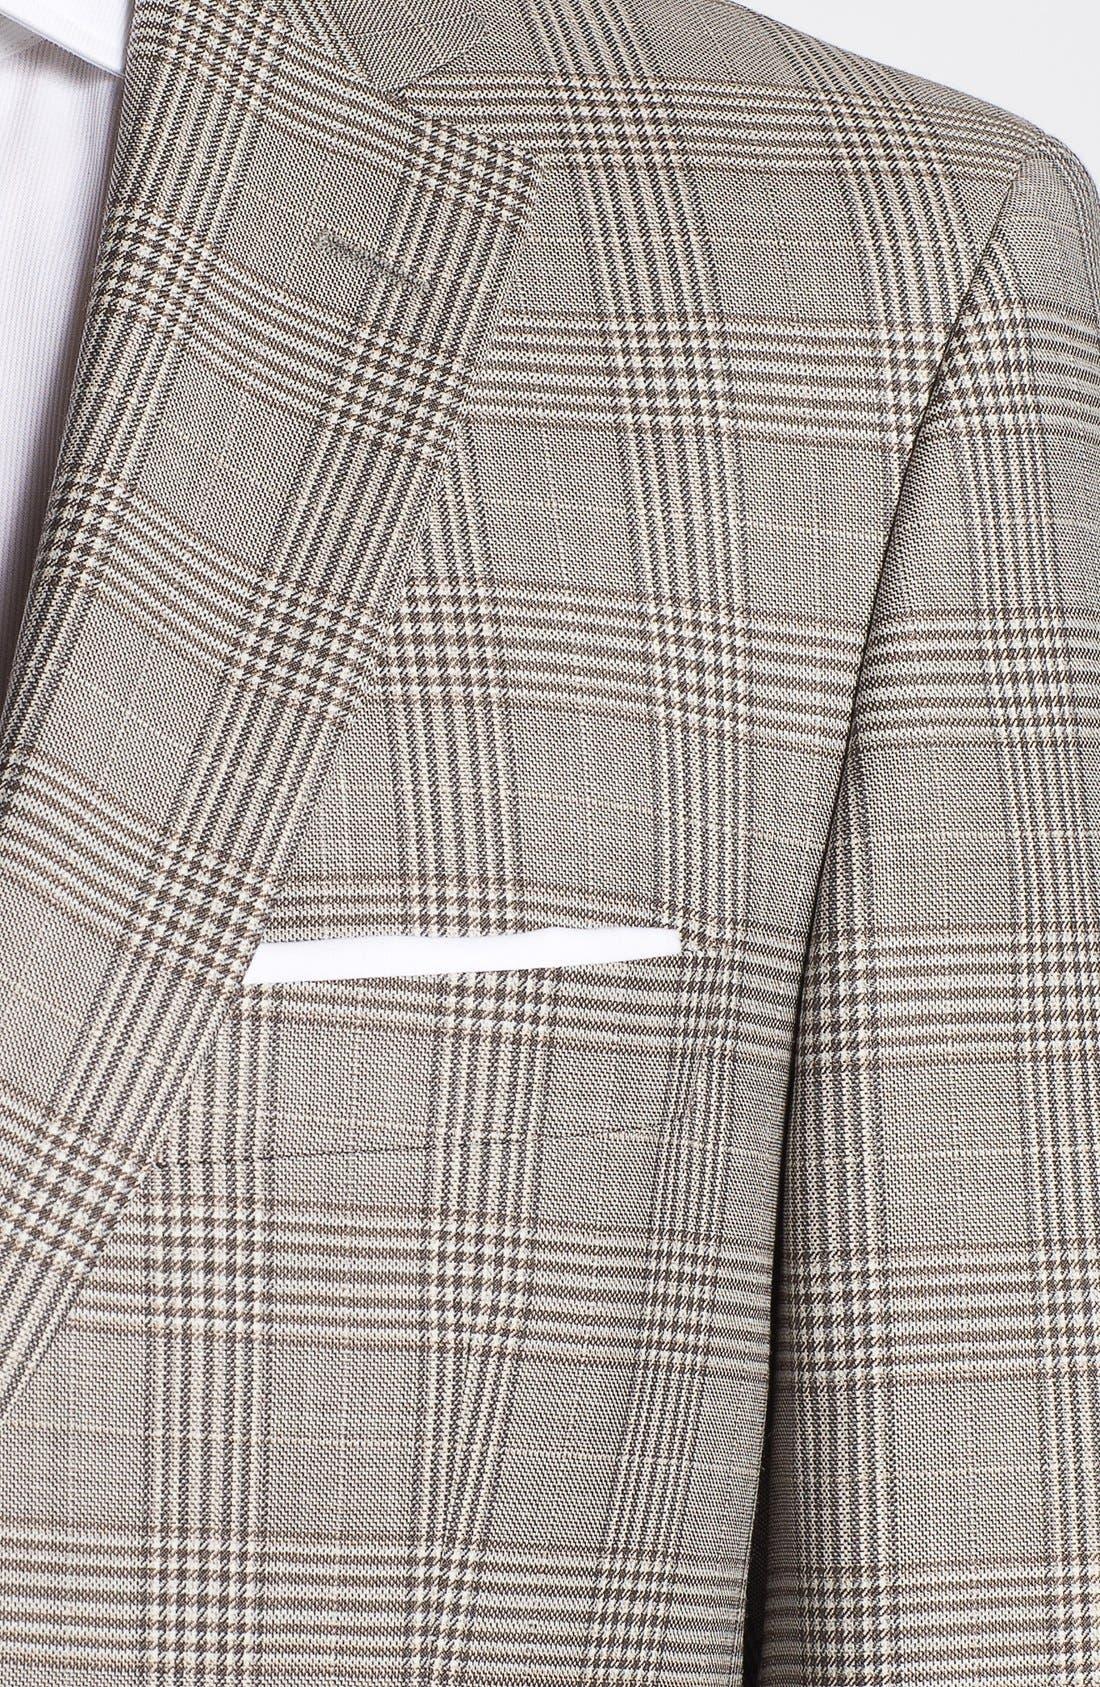 Alternate Image 2  - BOSS HUGO BOSS 'Pasini' Glen Plaid Sportcoat